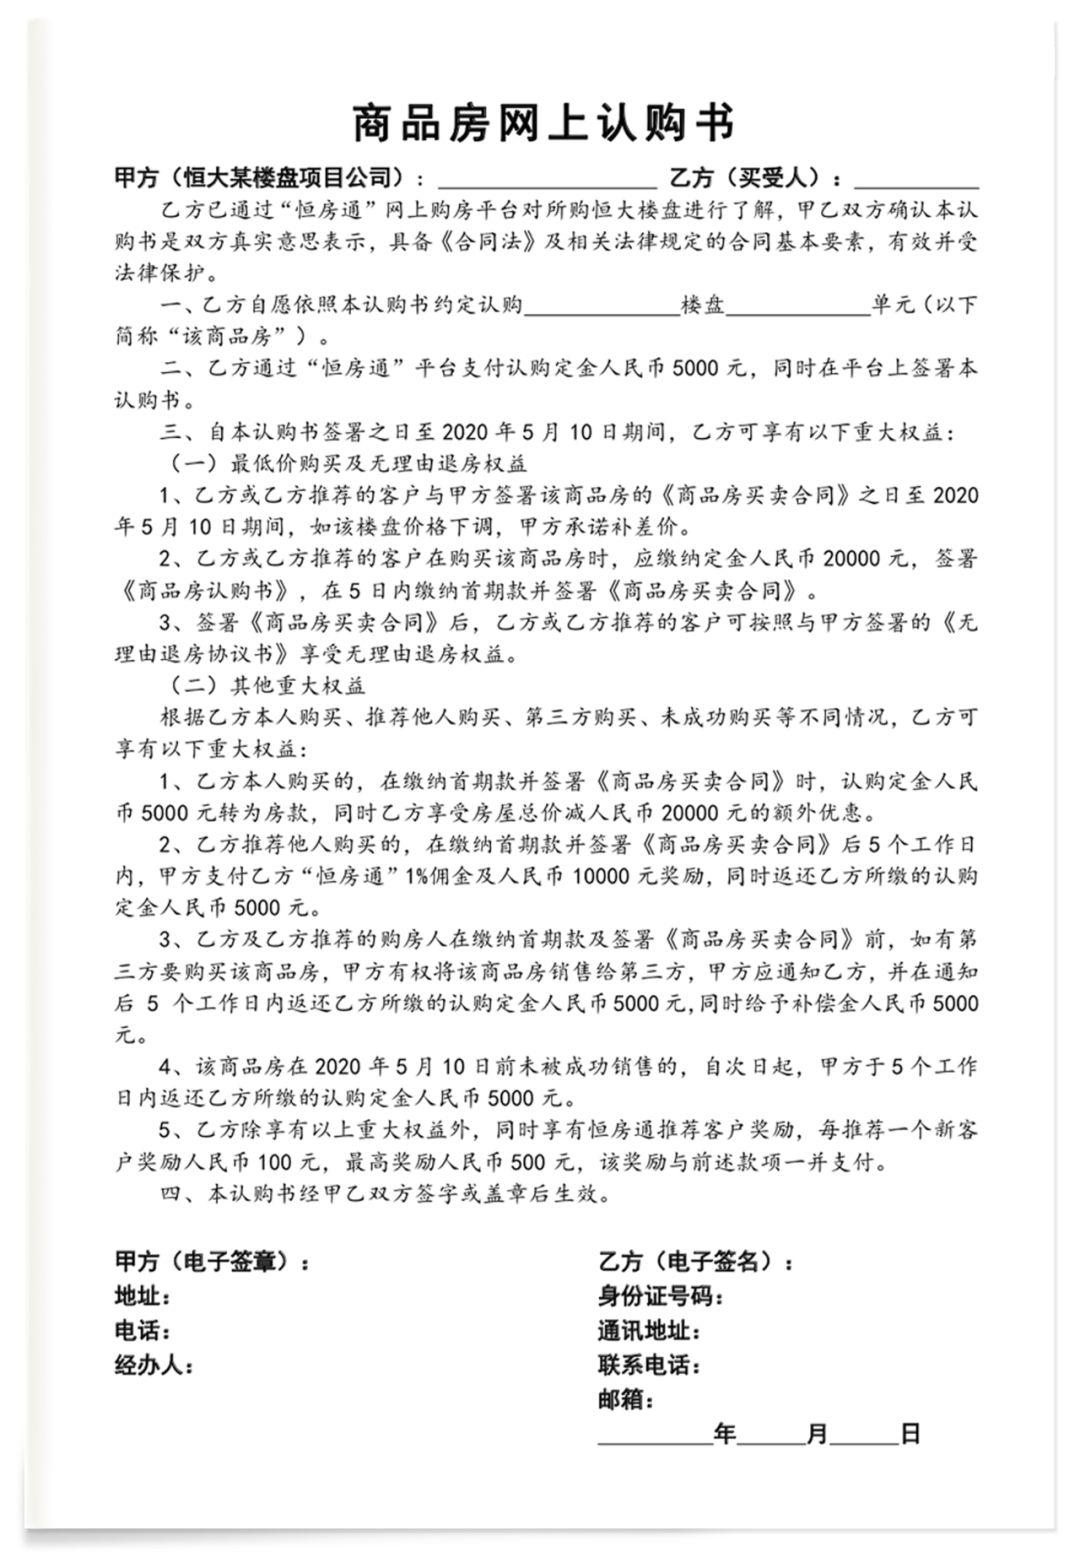 http://www.umeiwen.com/shenghuojia/1558097.html